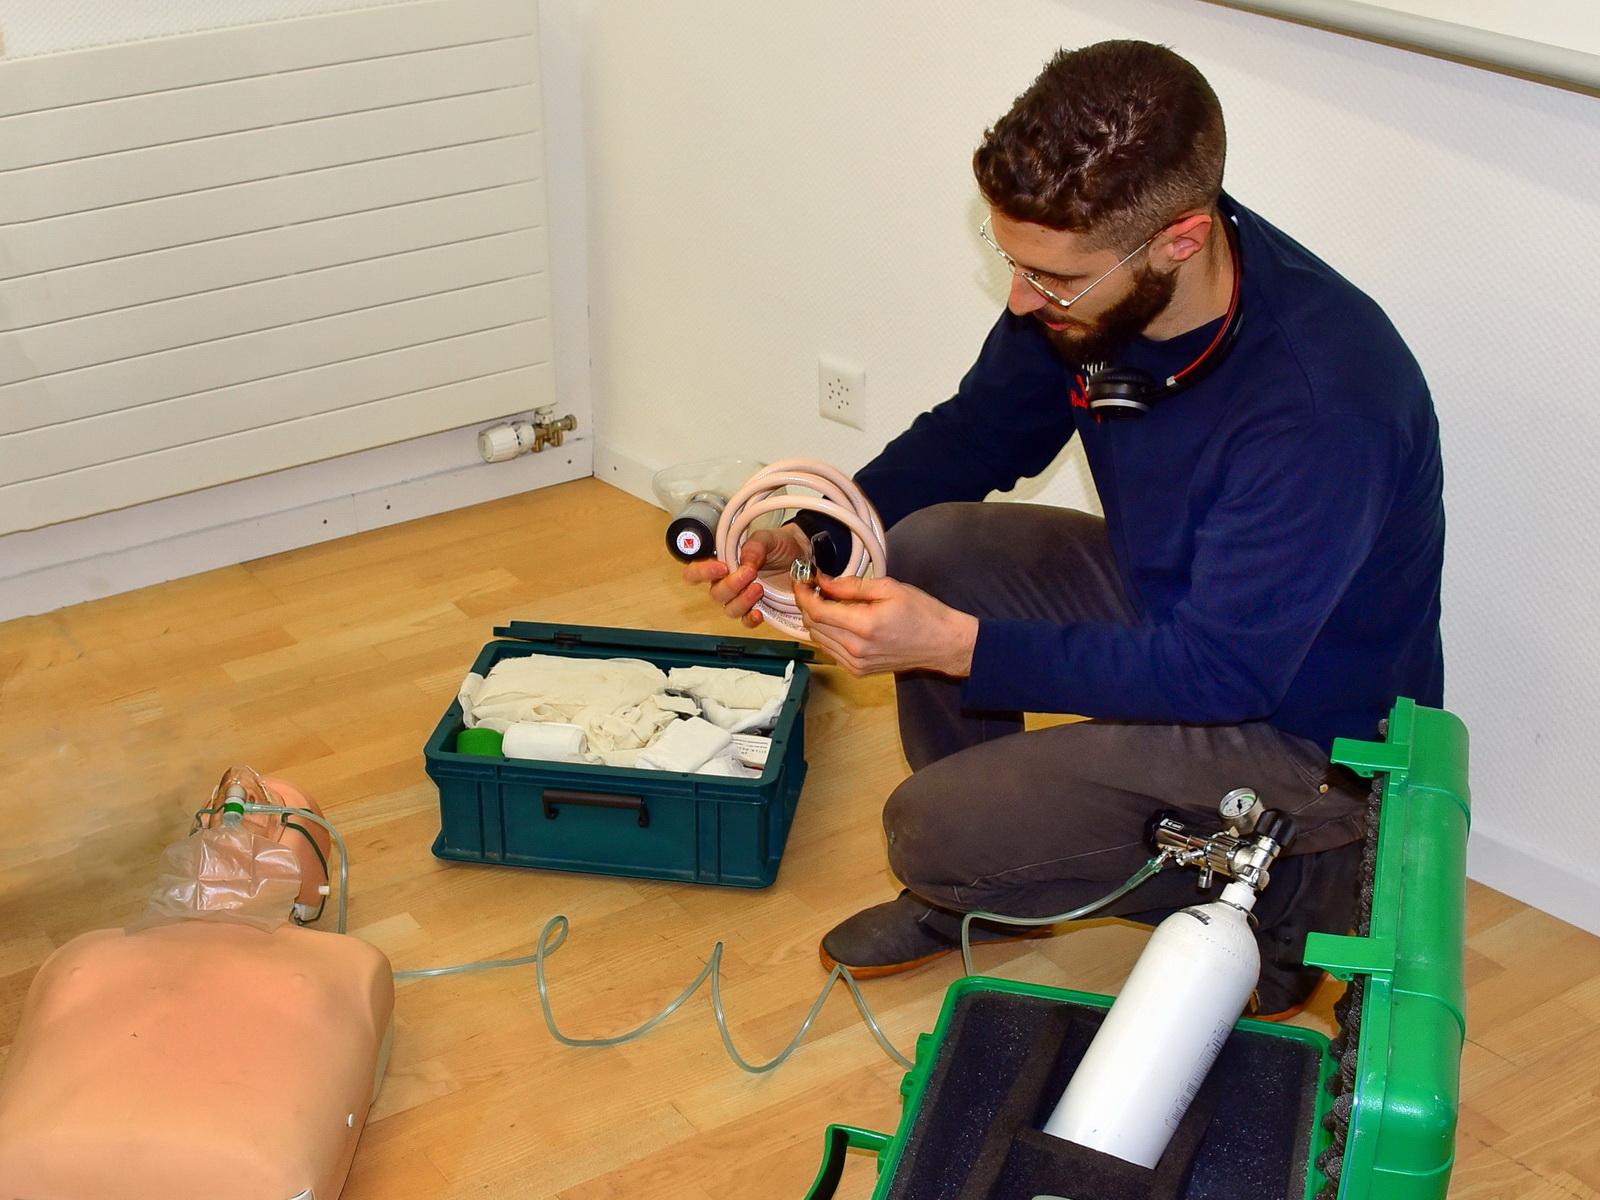 PADI Tauchlehrer demonstriert das Sauerstoffequipment